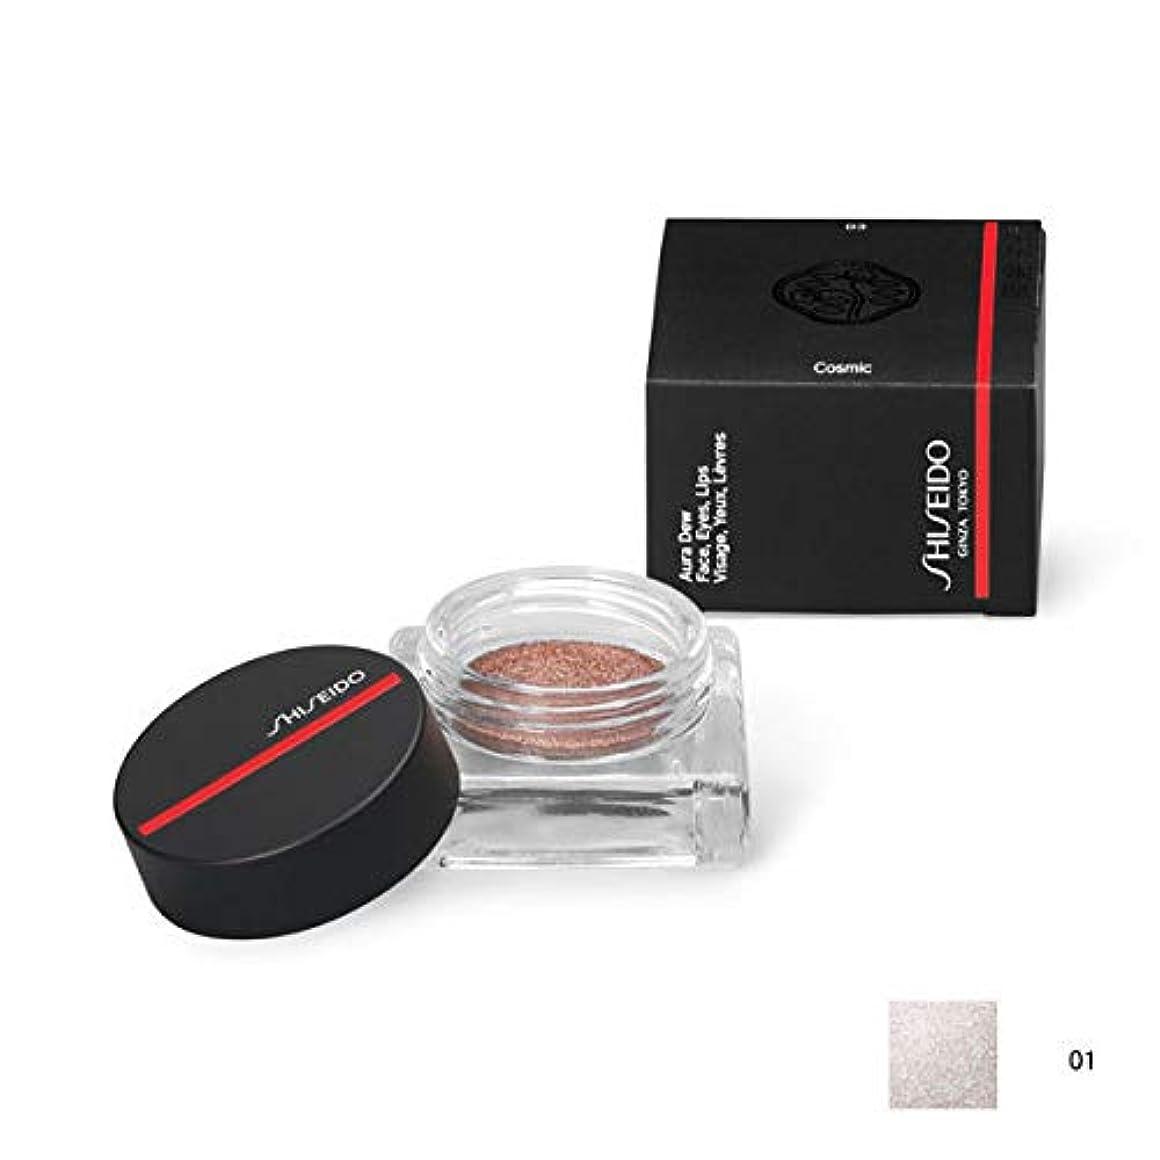 平日せせらぎ不毛SHISEIDO Makeup(資生堂 メーキャップ) SHISEIDO(資生堂) SHISEIDO オーラデュウ プリズム 4.8g (01)